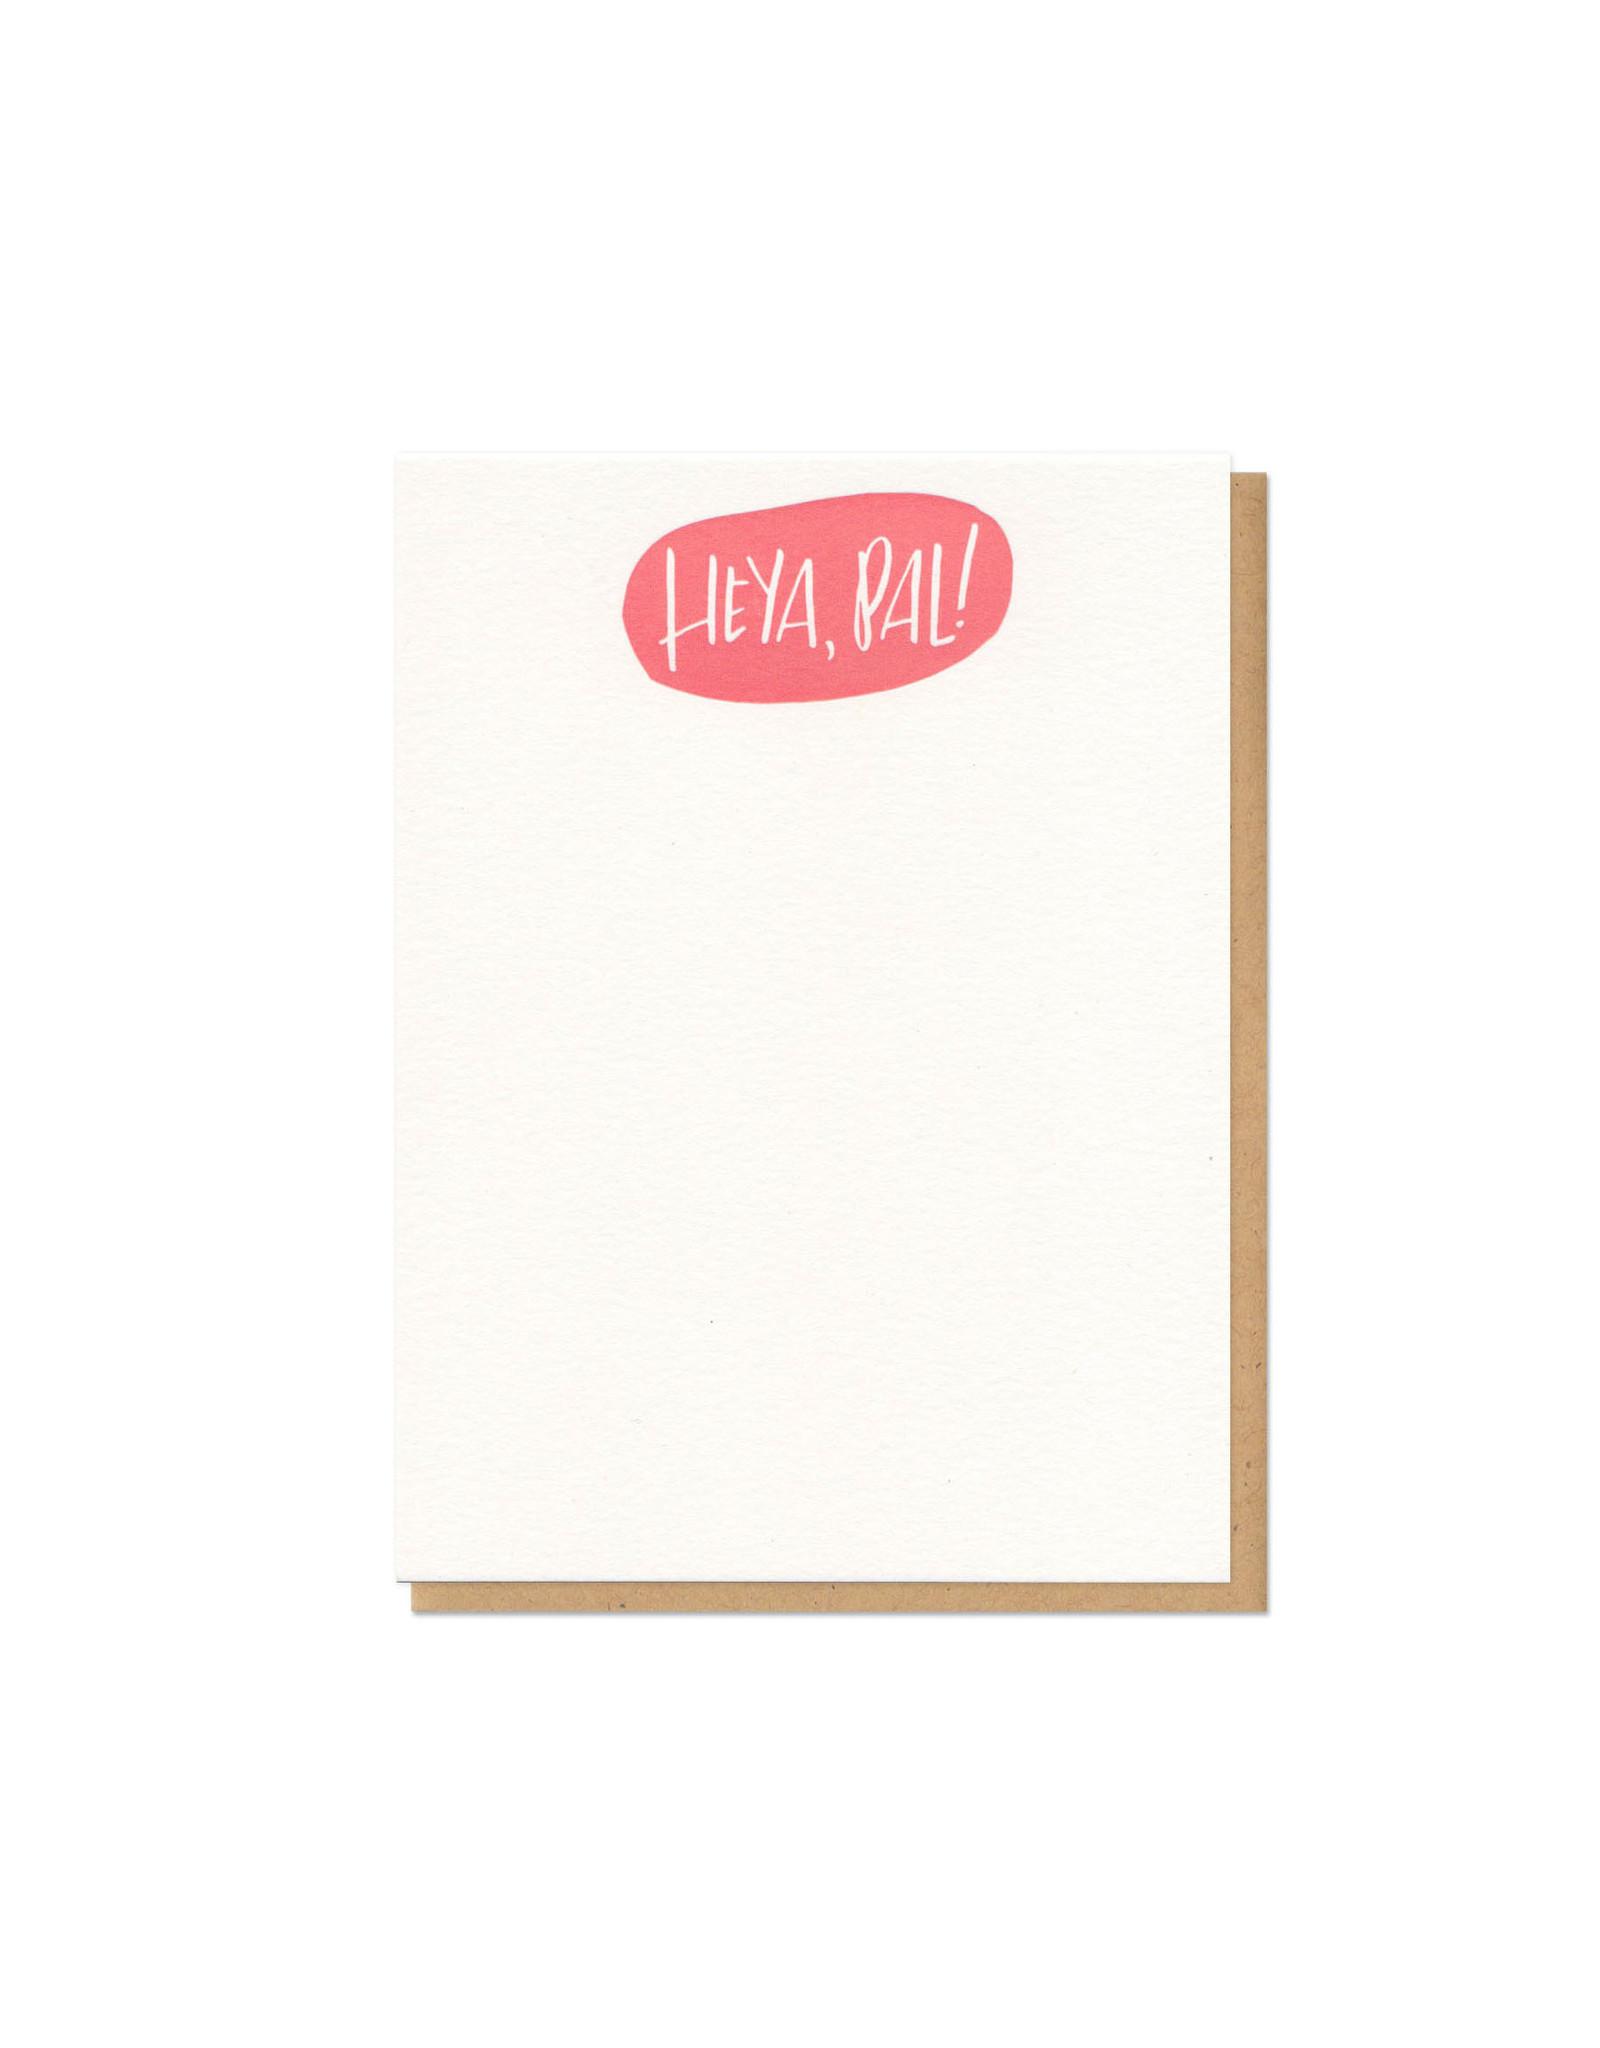 Heya Pal Flat Boxed Card Set of 8